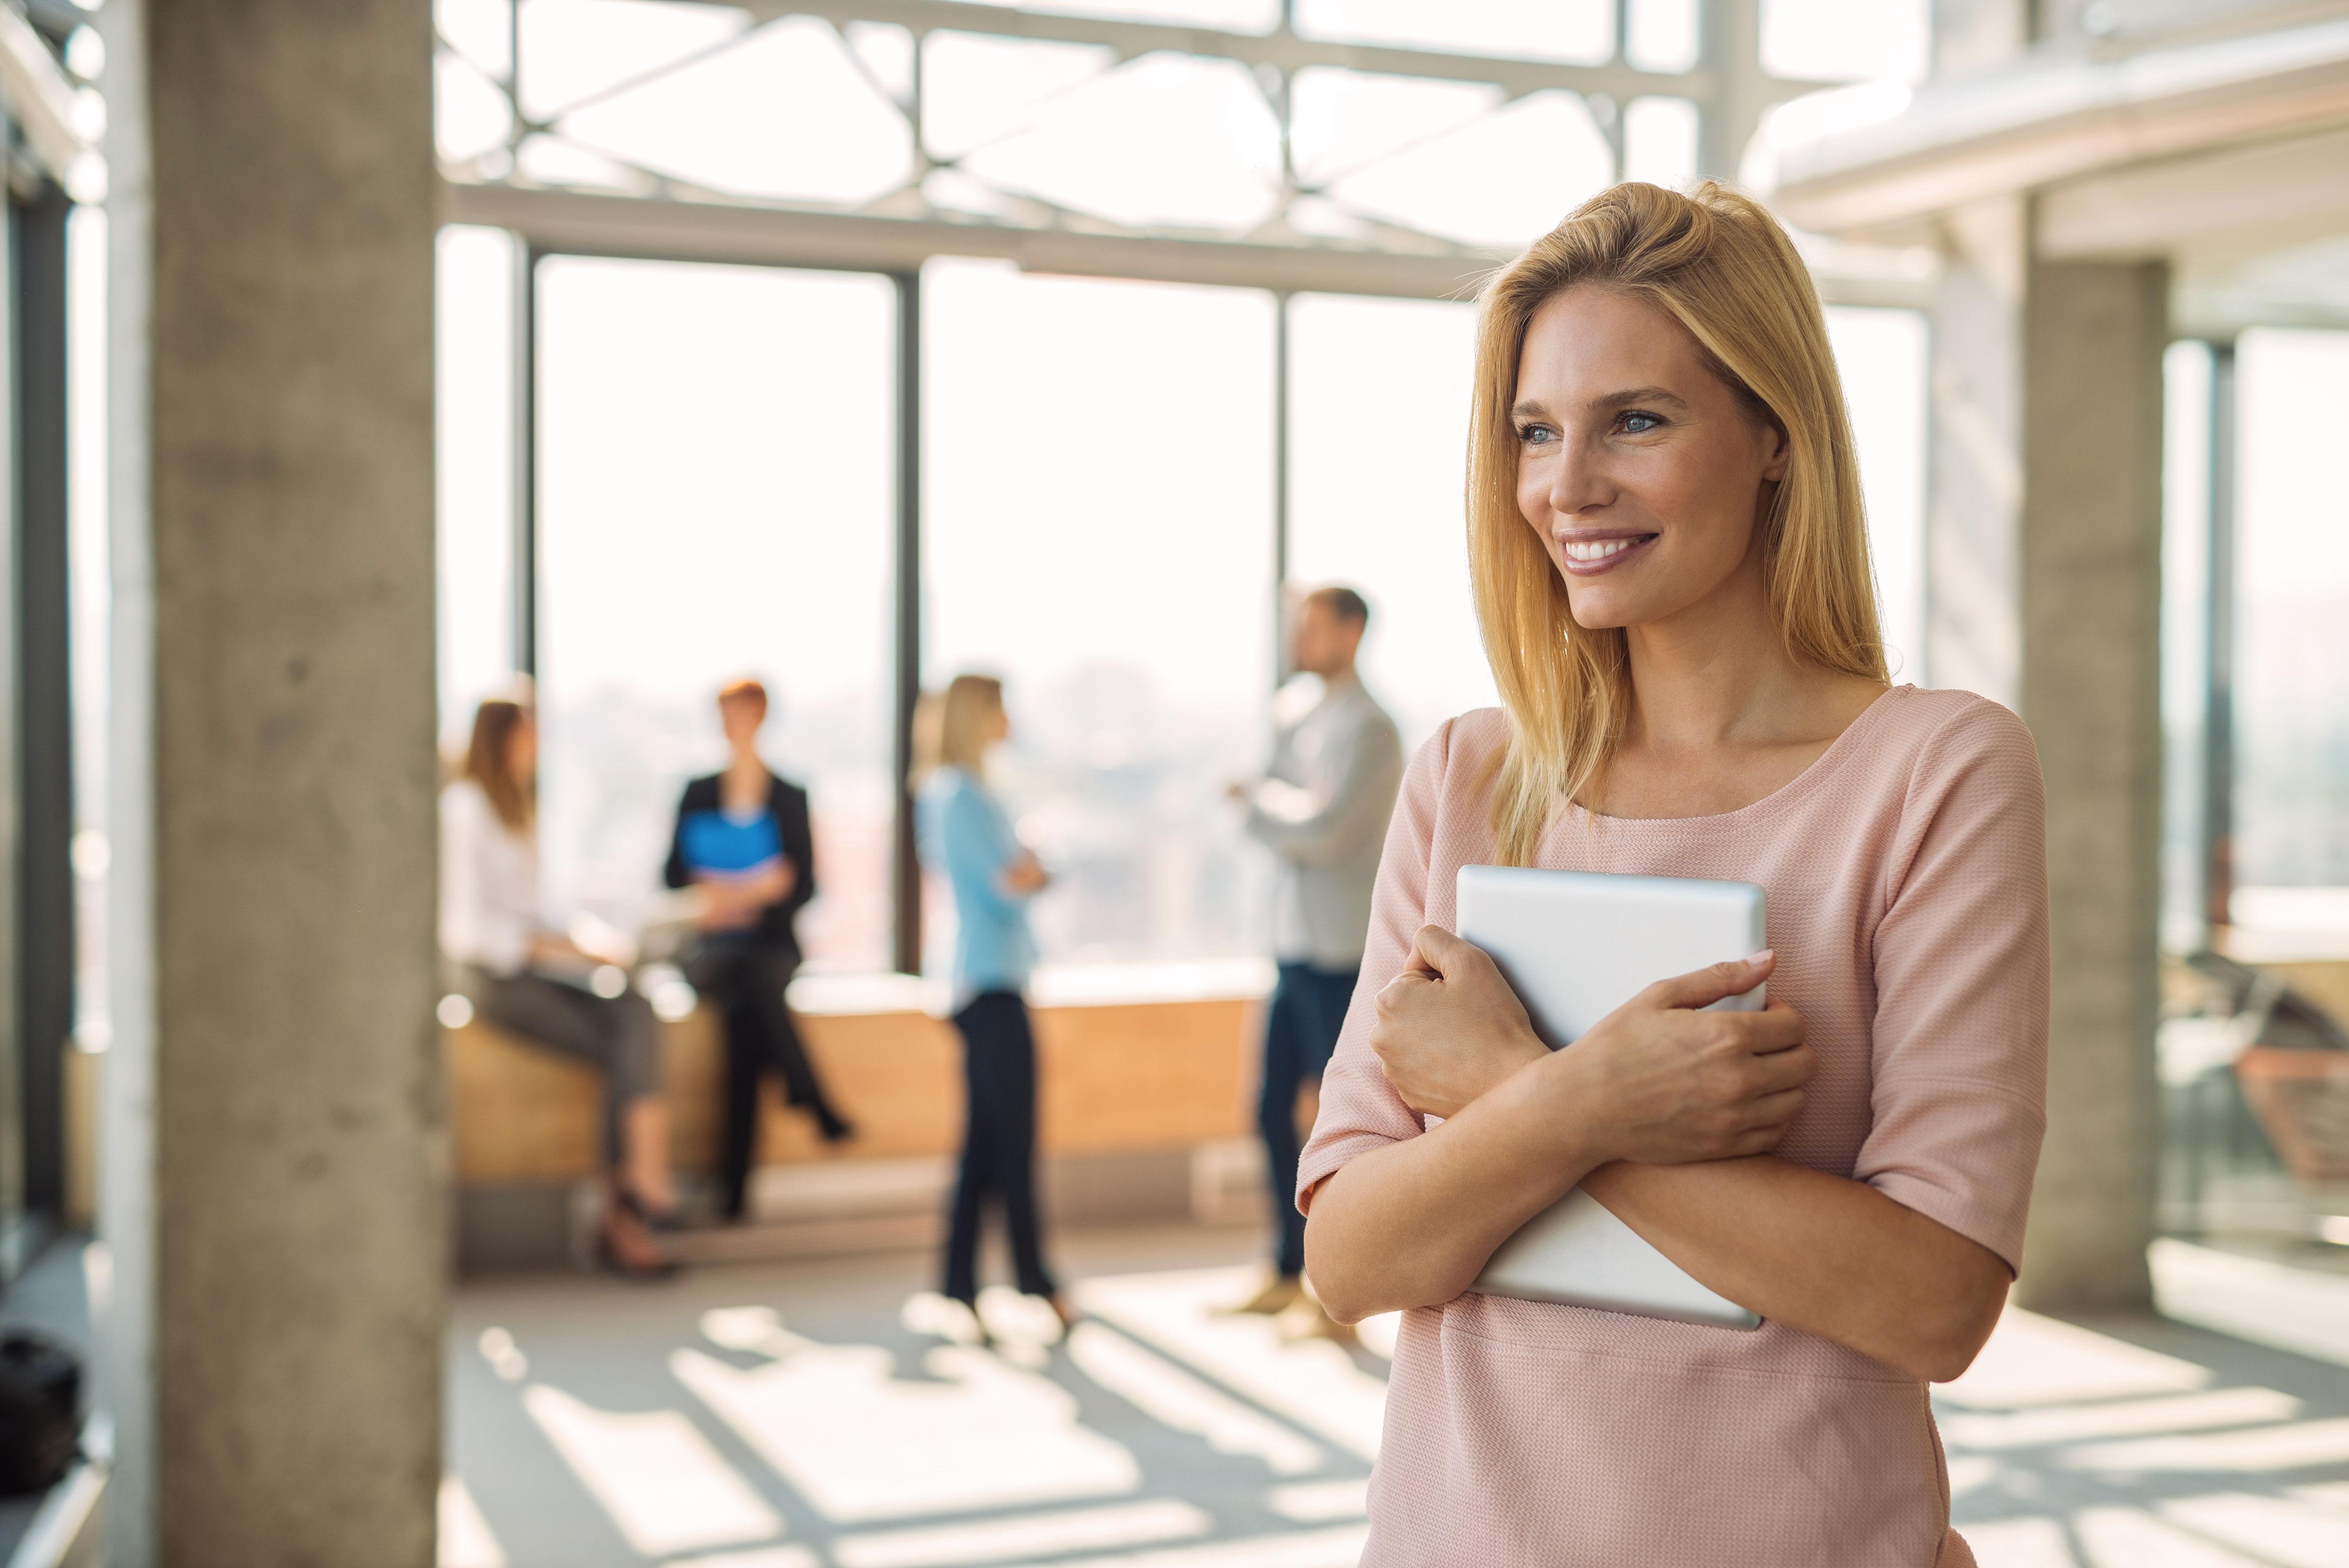 Lächelnde Frau mit Tablet im Arm in lichtdurchflutetem Büro